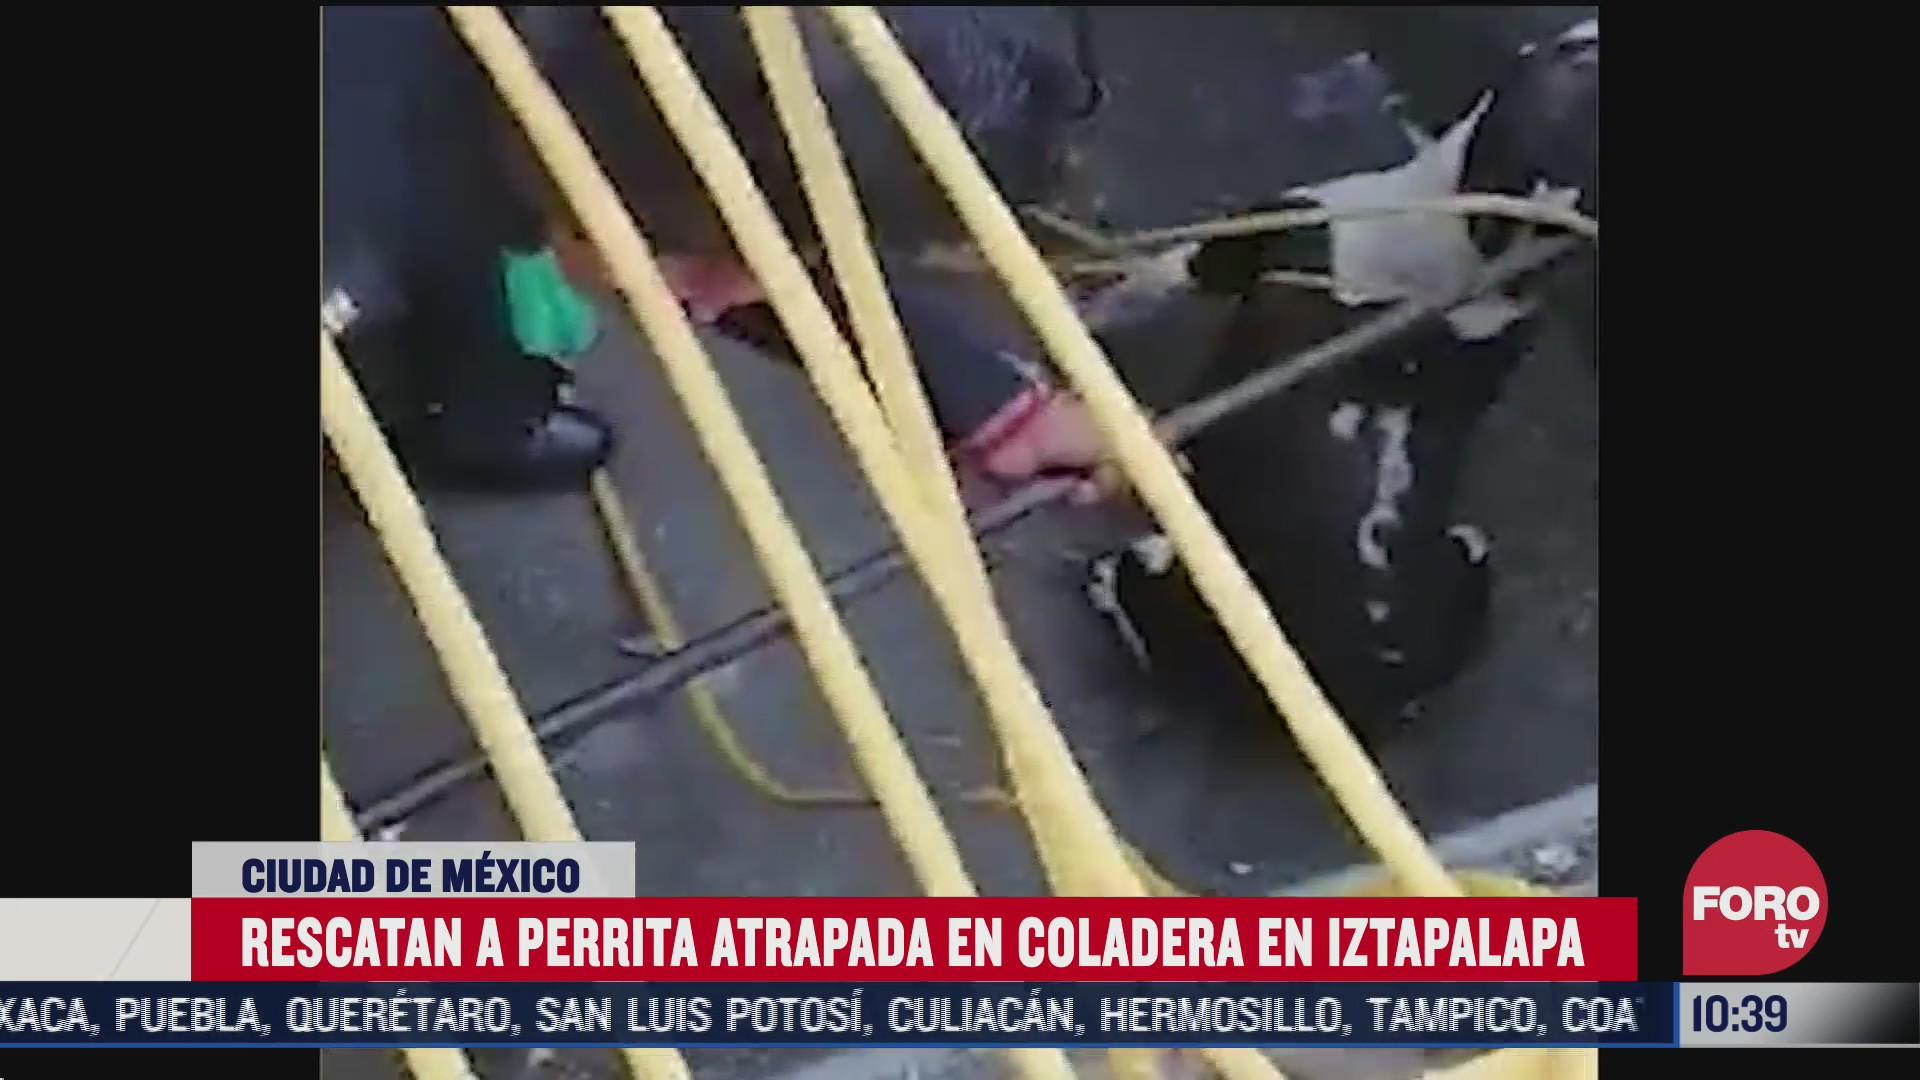 rescatan a perrita pitbull atrapada en una coladera en cdmx